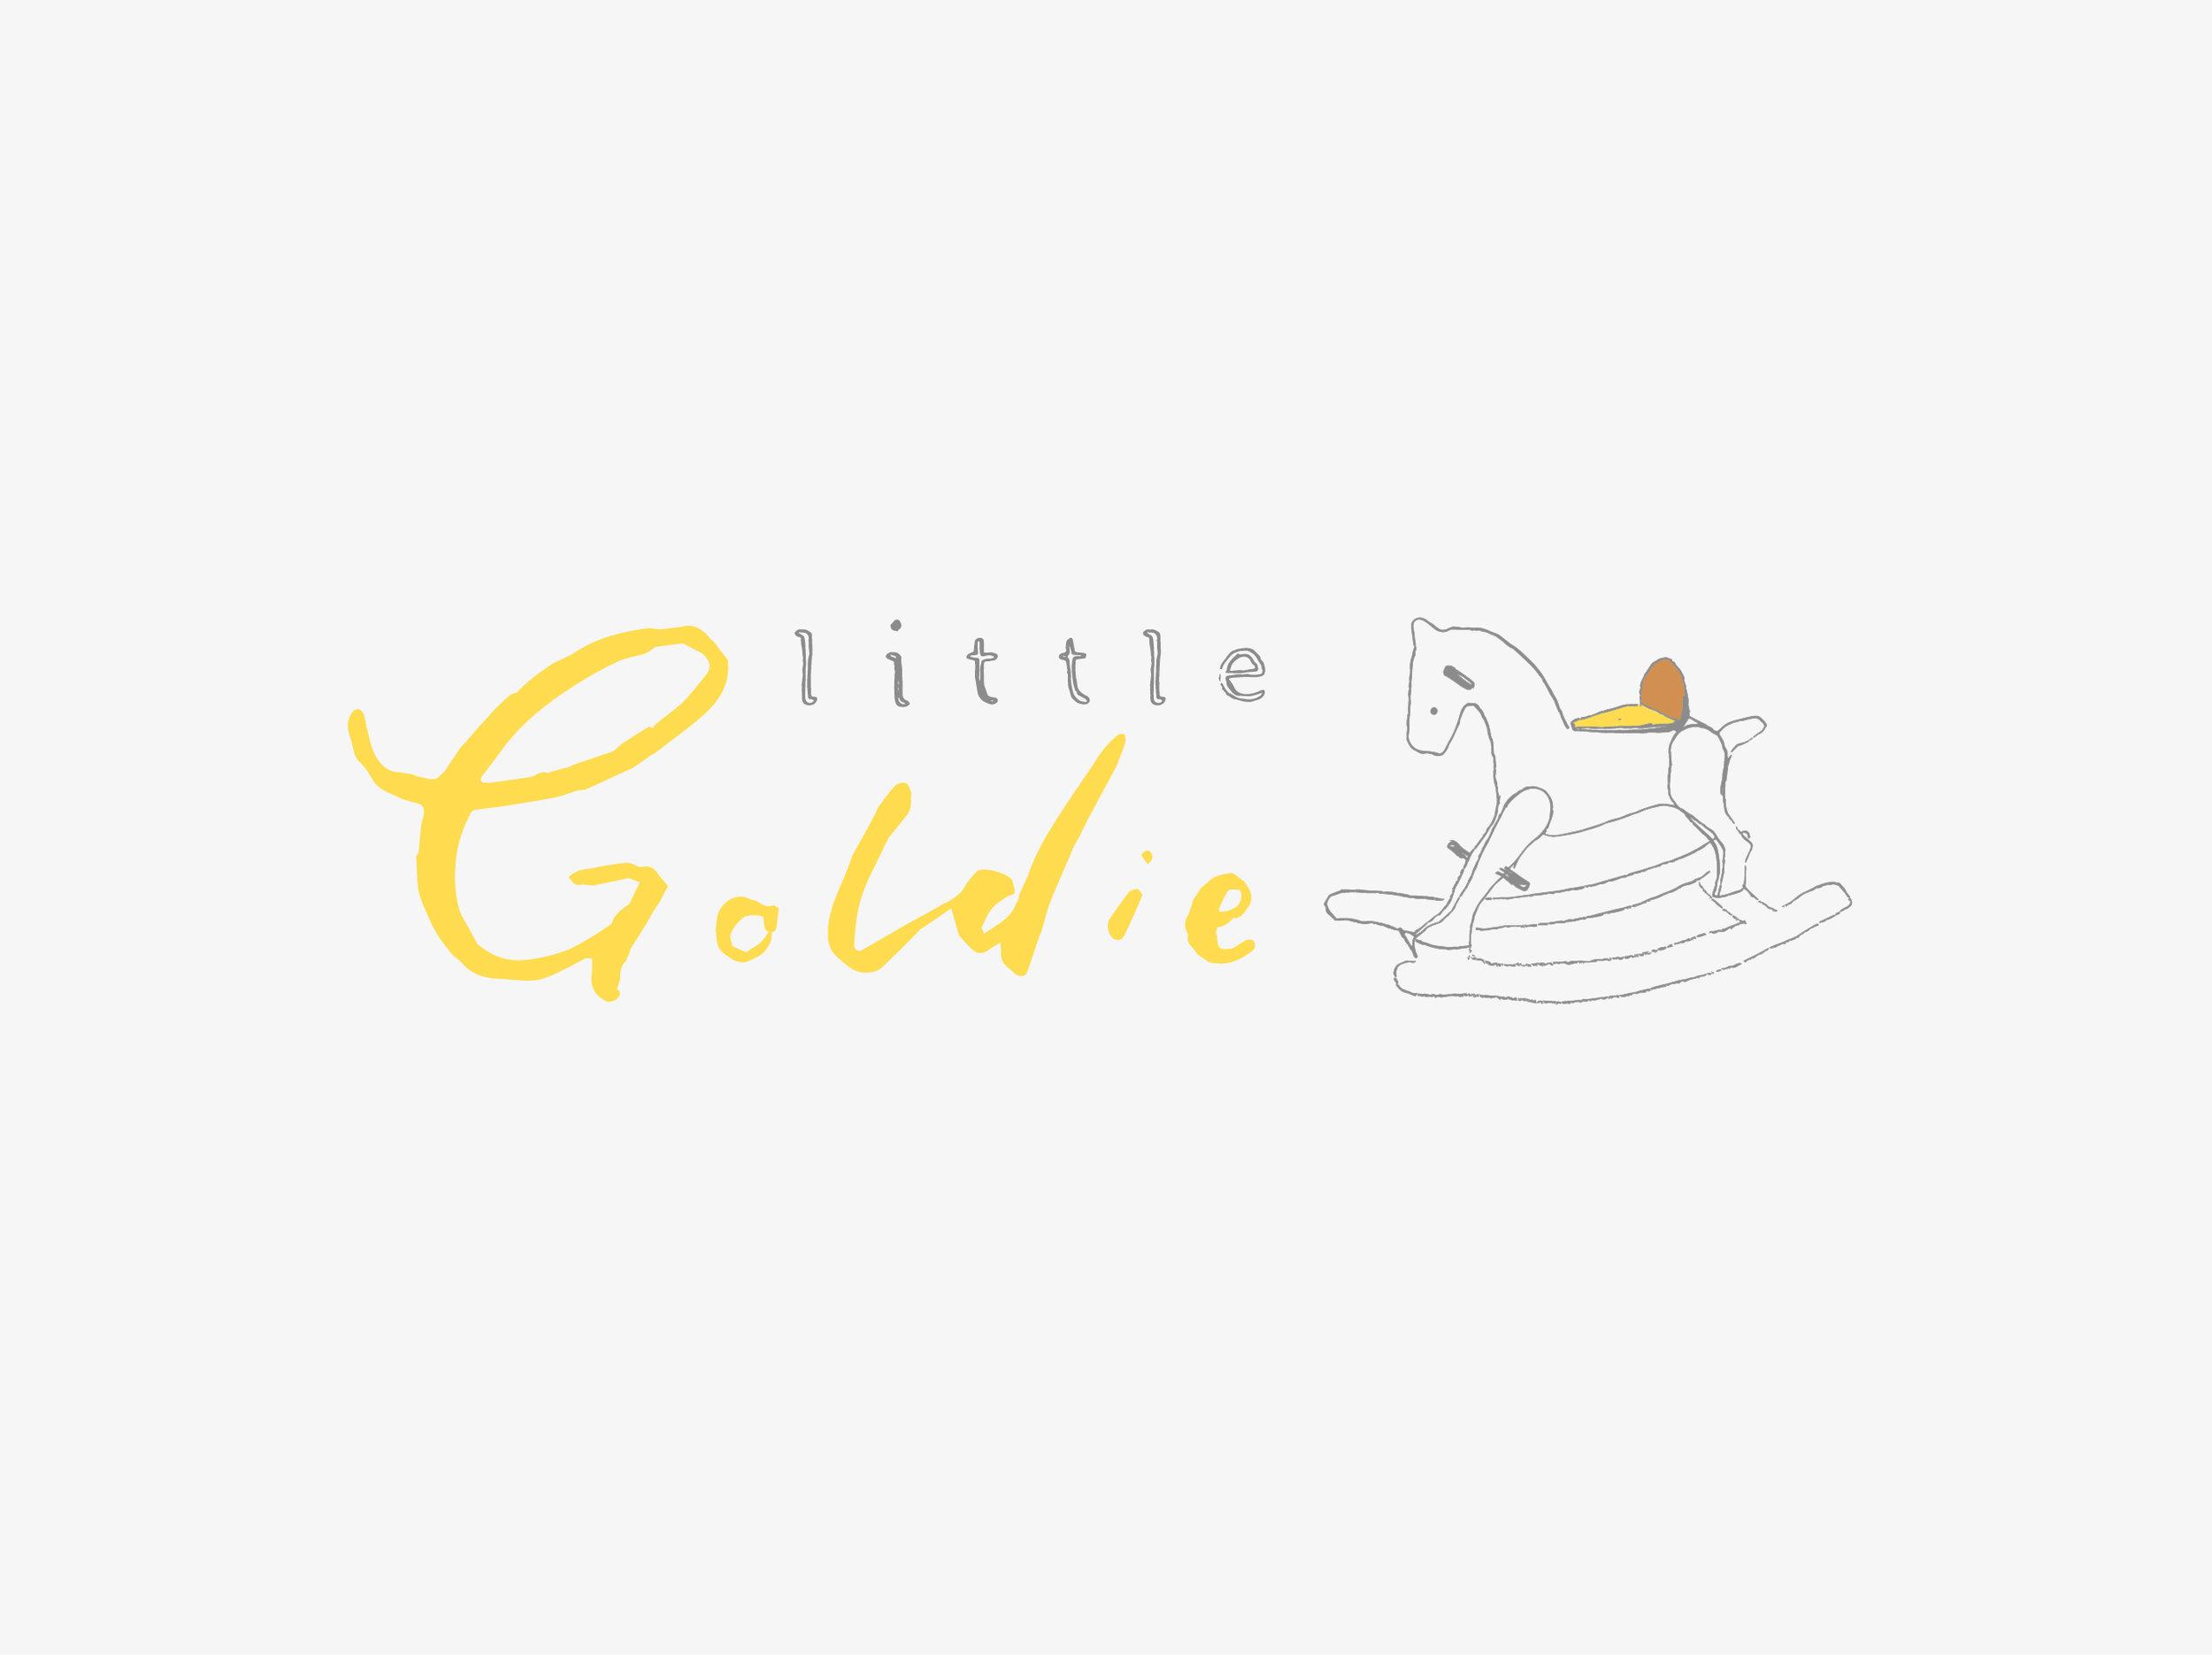 Goldie by Belinda Love Lee